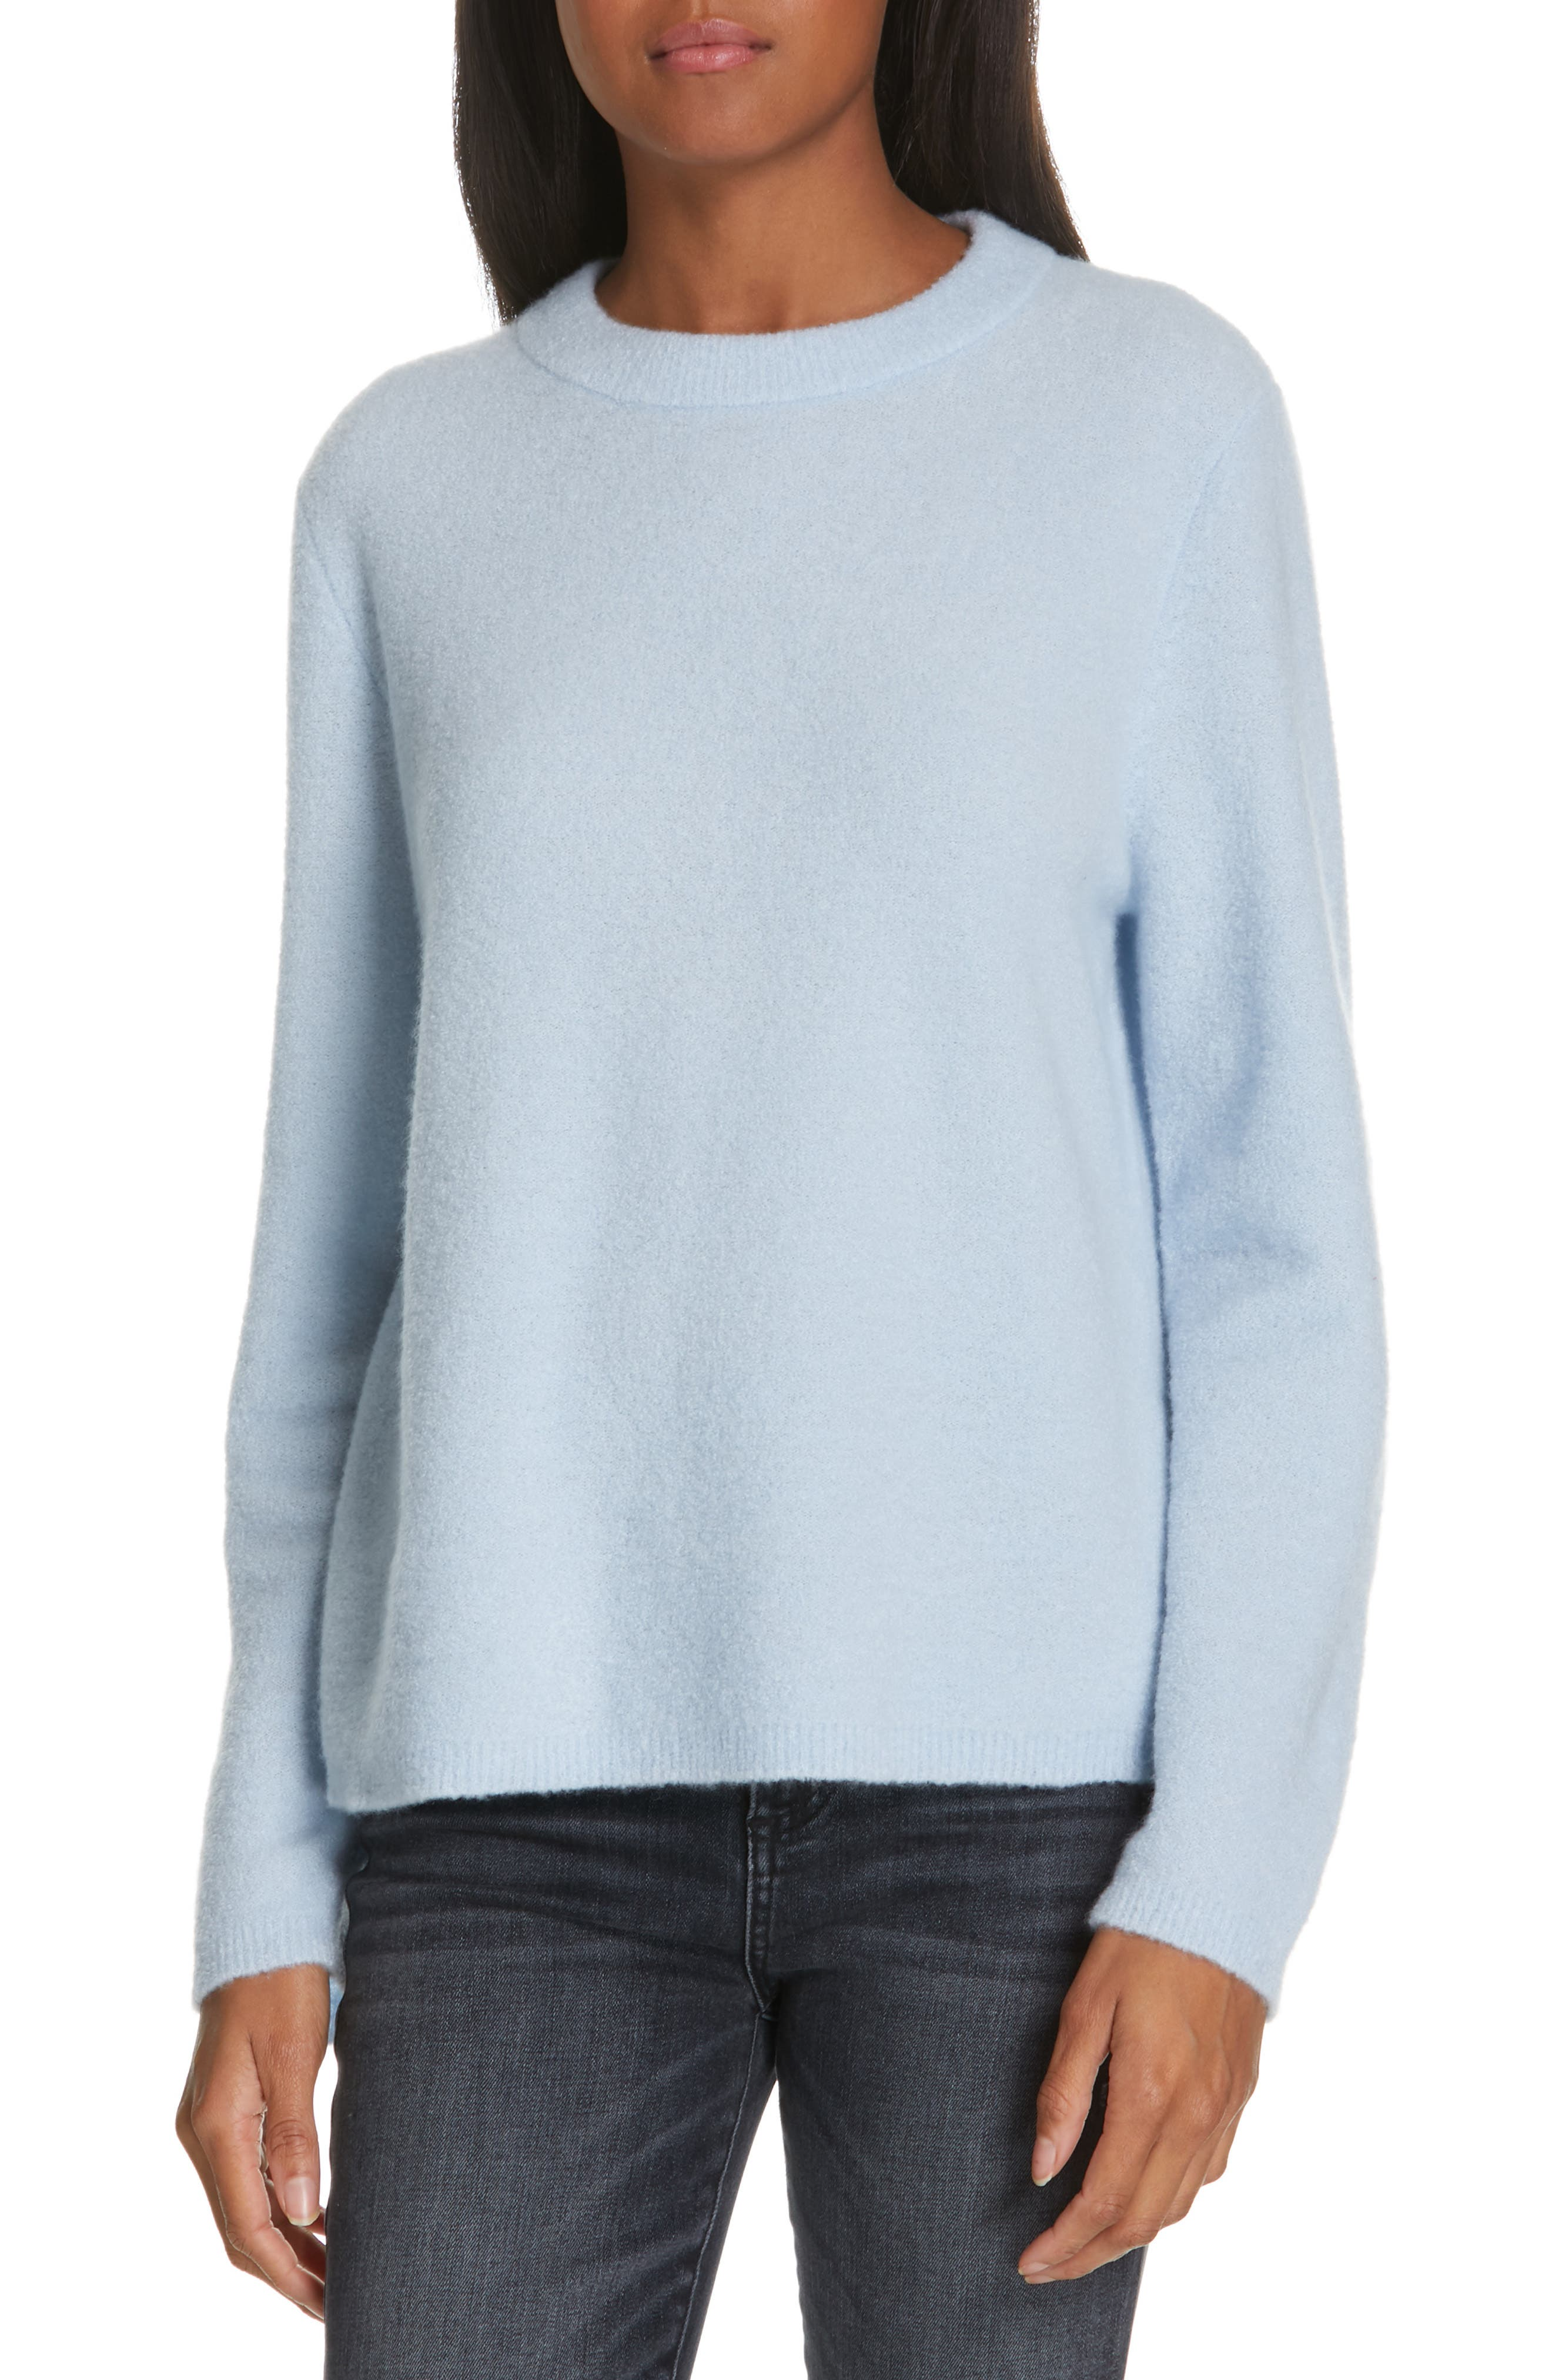 NORDSTROM SIGNATURE Cashmere Blend Bouclé Sweater, Main, color, BLUE CASHMERE